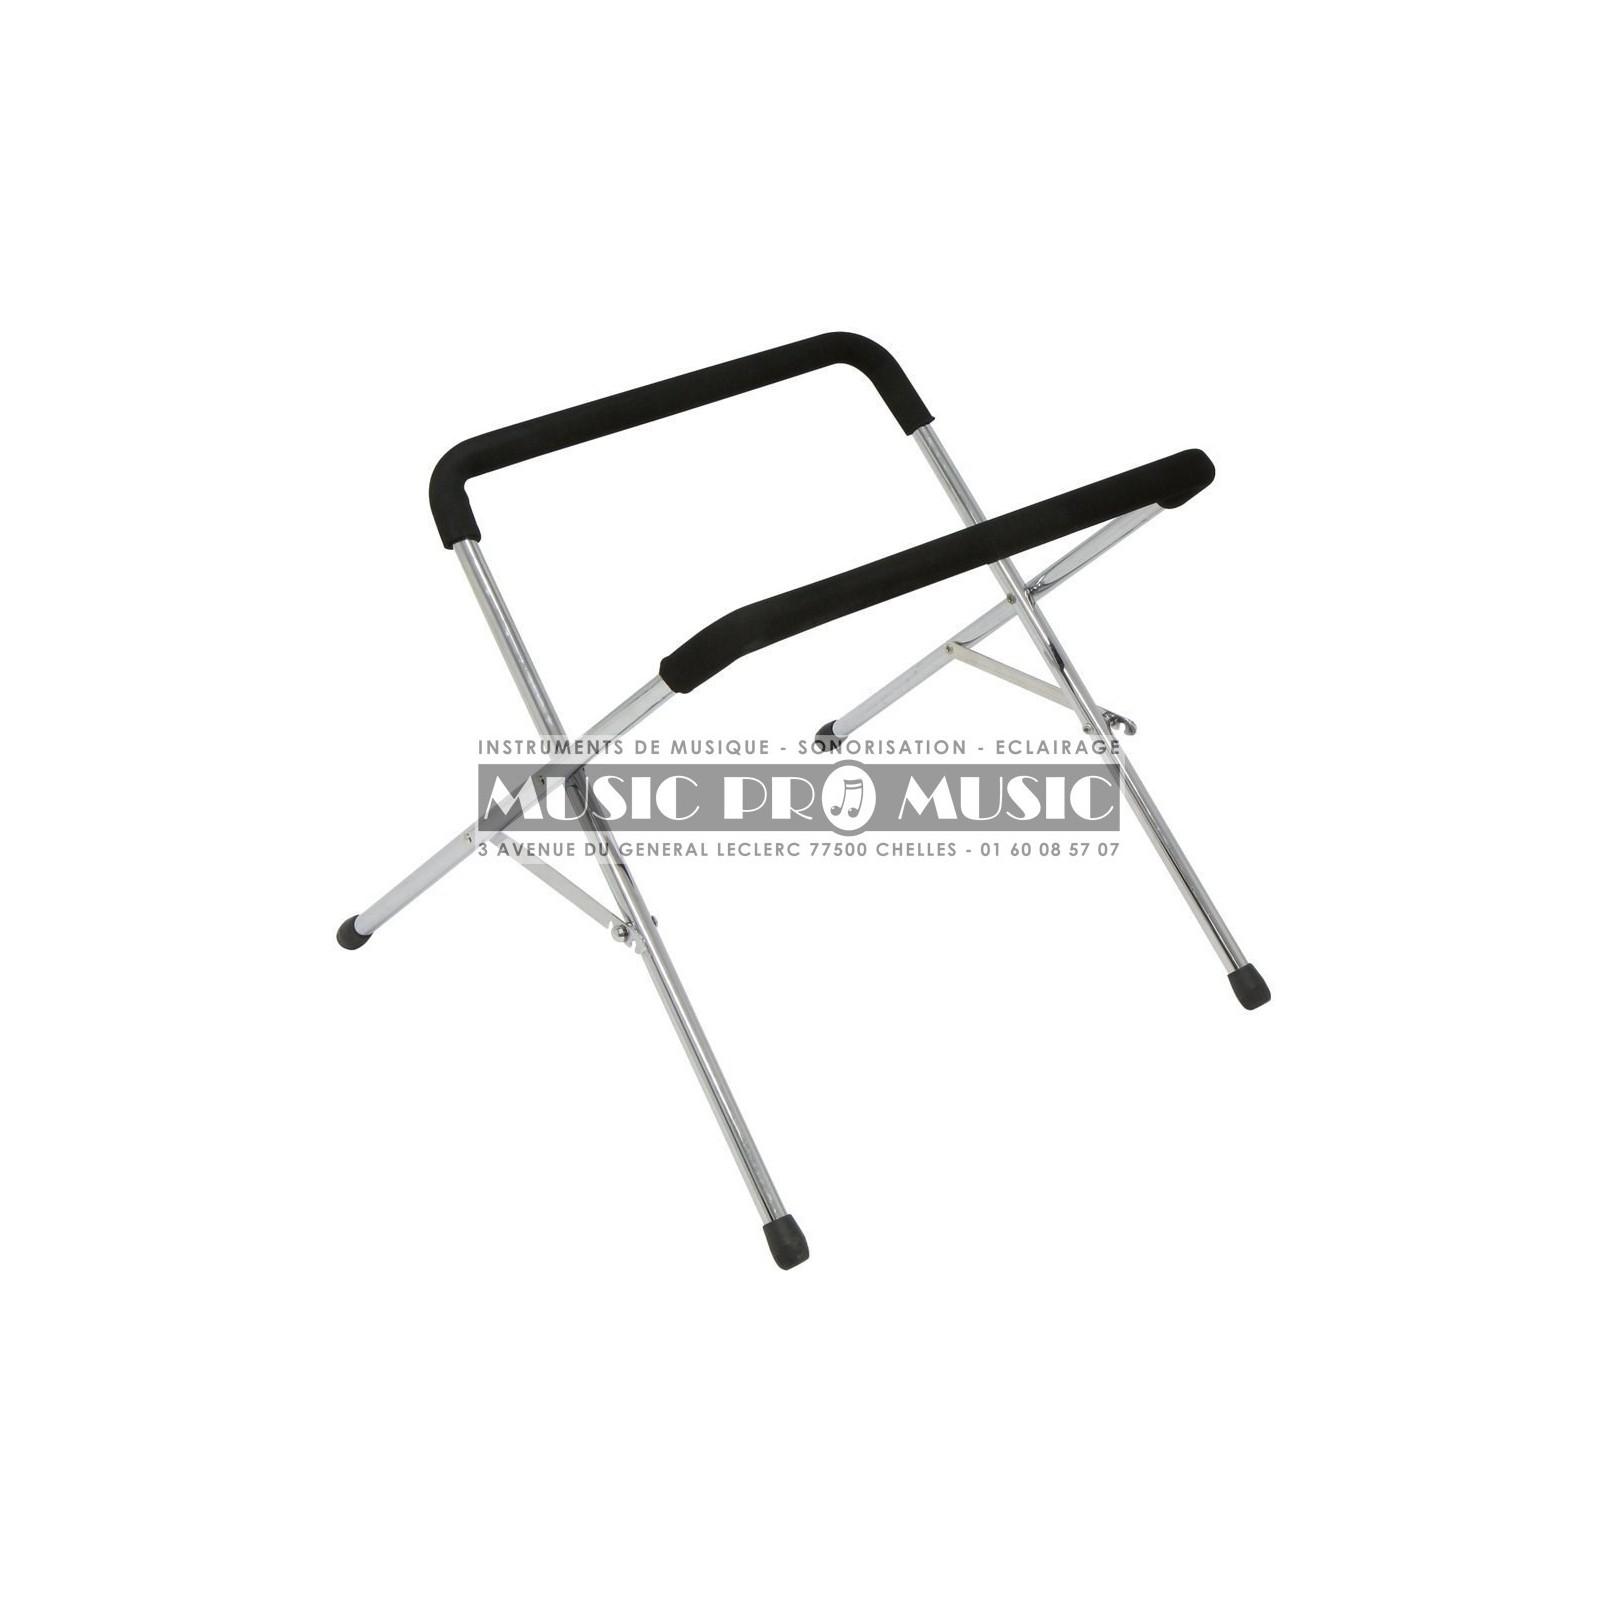 gewa 892320 support de tambour ou grosse caisse de fanfare. Black Bedroom Furniture Sets. Home Design Ideas